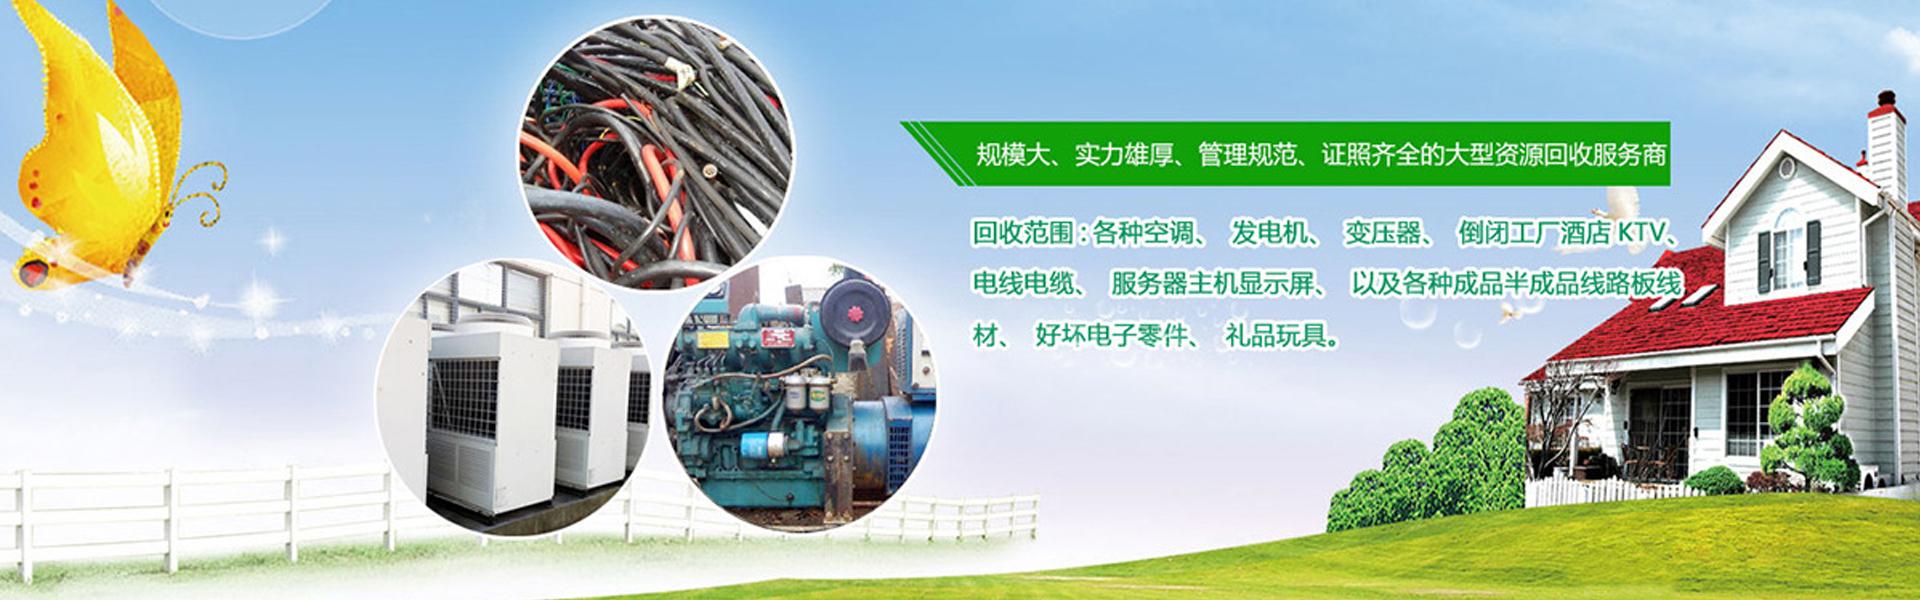 苏州电子产品回收